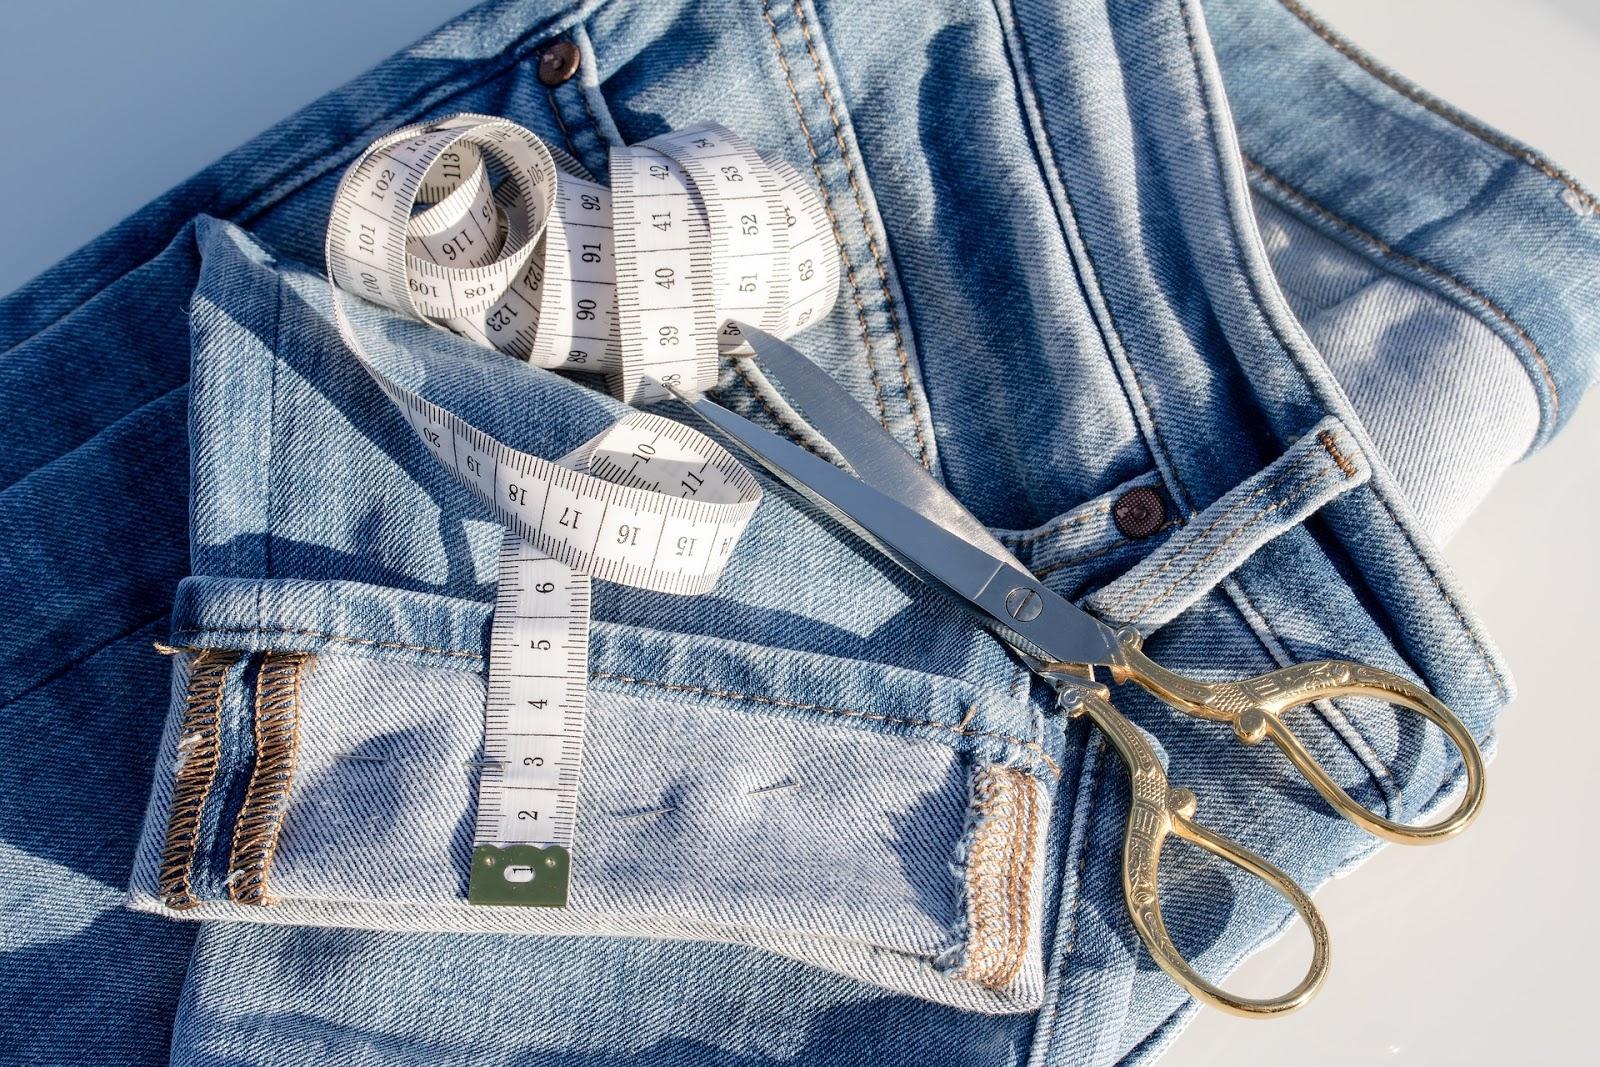 Власти Нидерландов совместно с производителем одежды создали Джинсовый договор